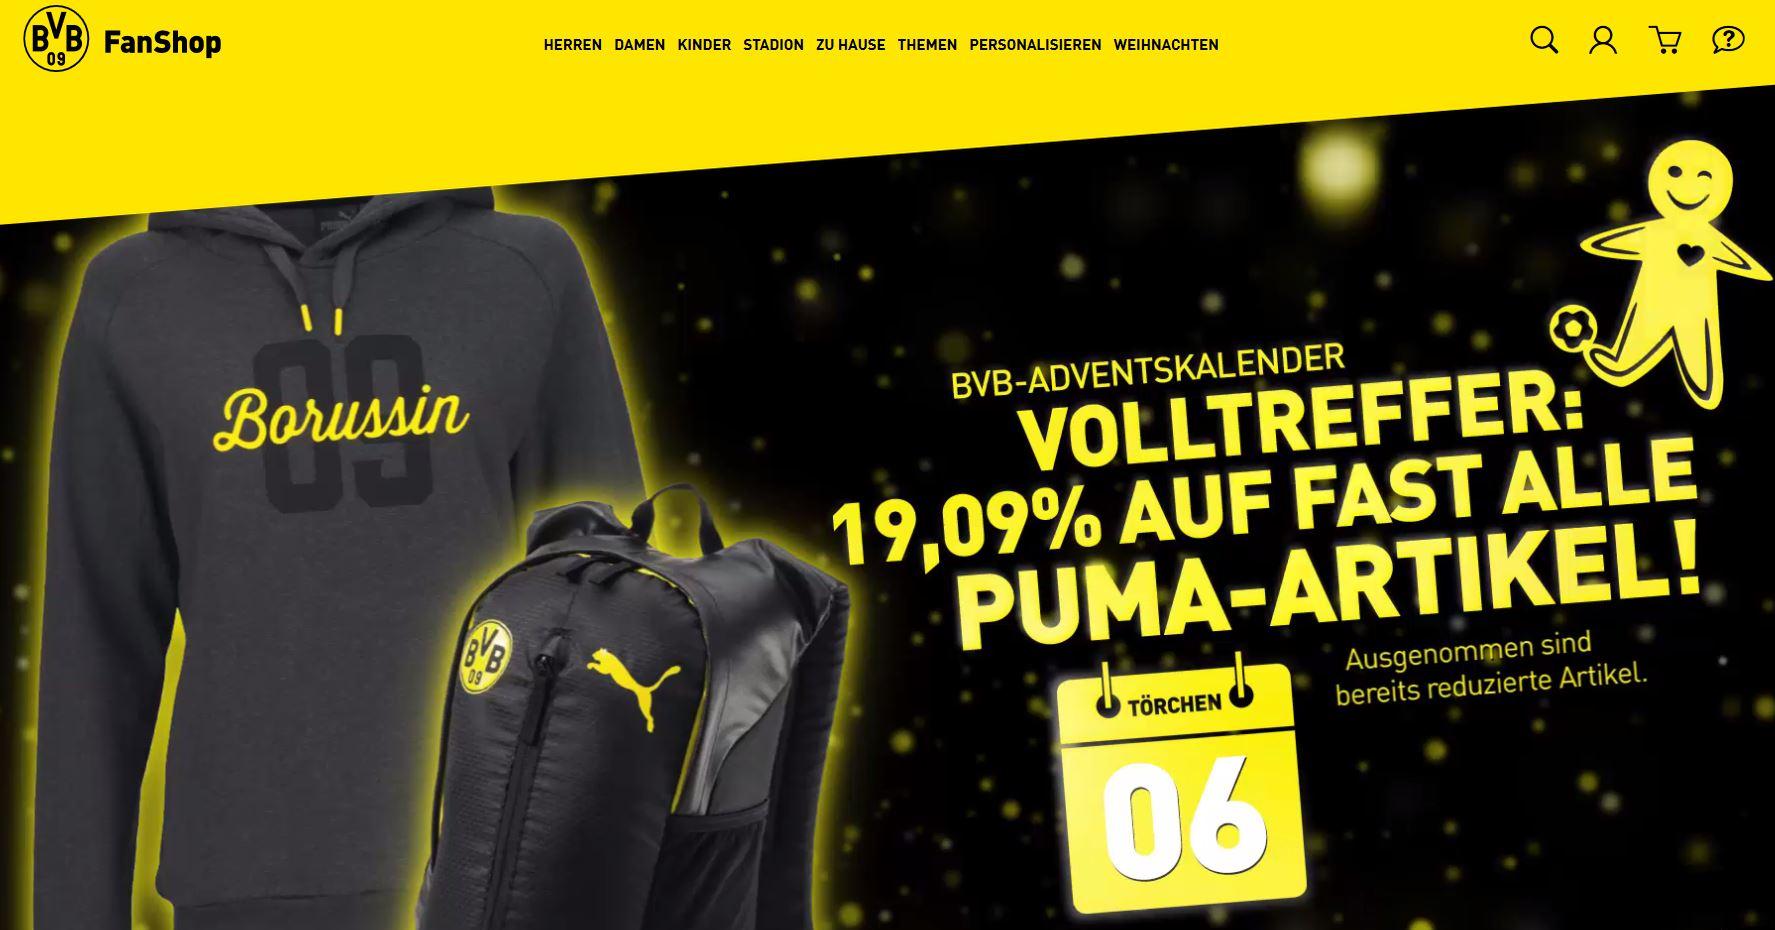 Nikolaus Volltreffer: 19,09 % auf fast alle Puma-Artikel im BVB FanShop